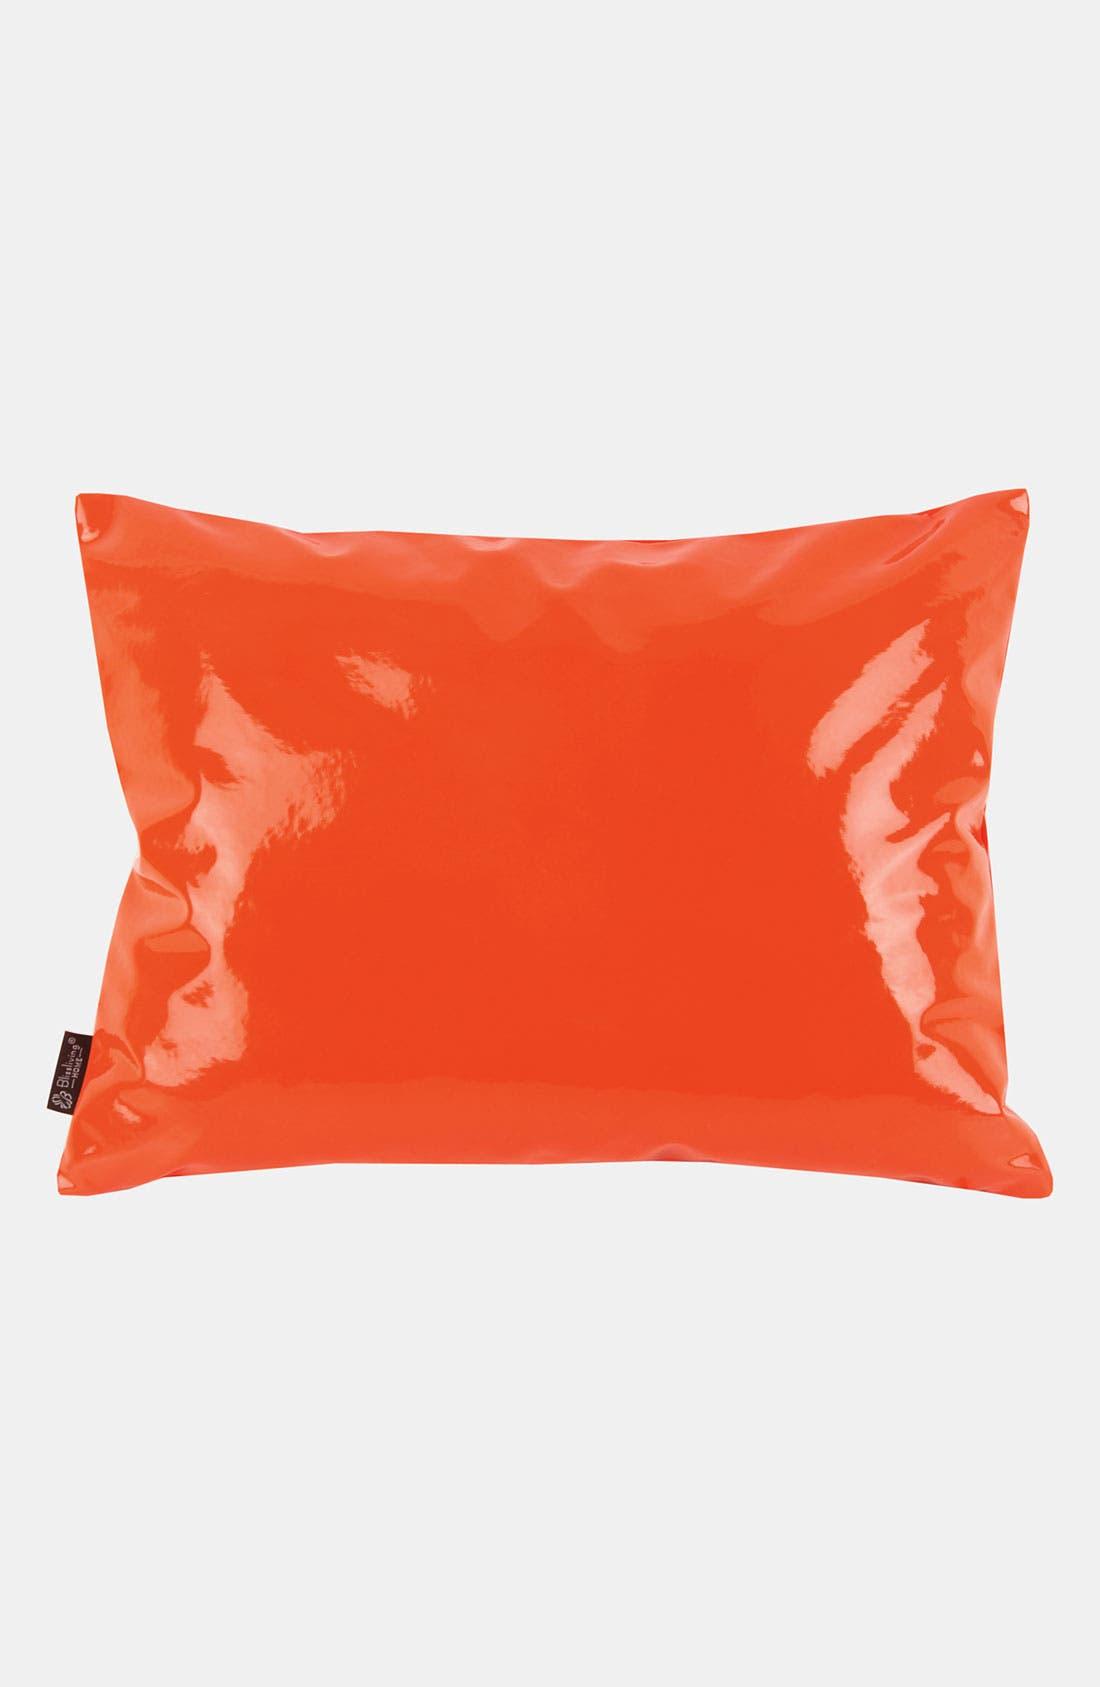 Main Image - Blissliving Home 'Soho' Vinyl Pillow (Online Only)